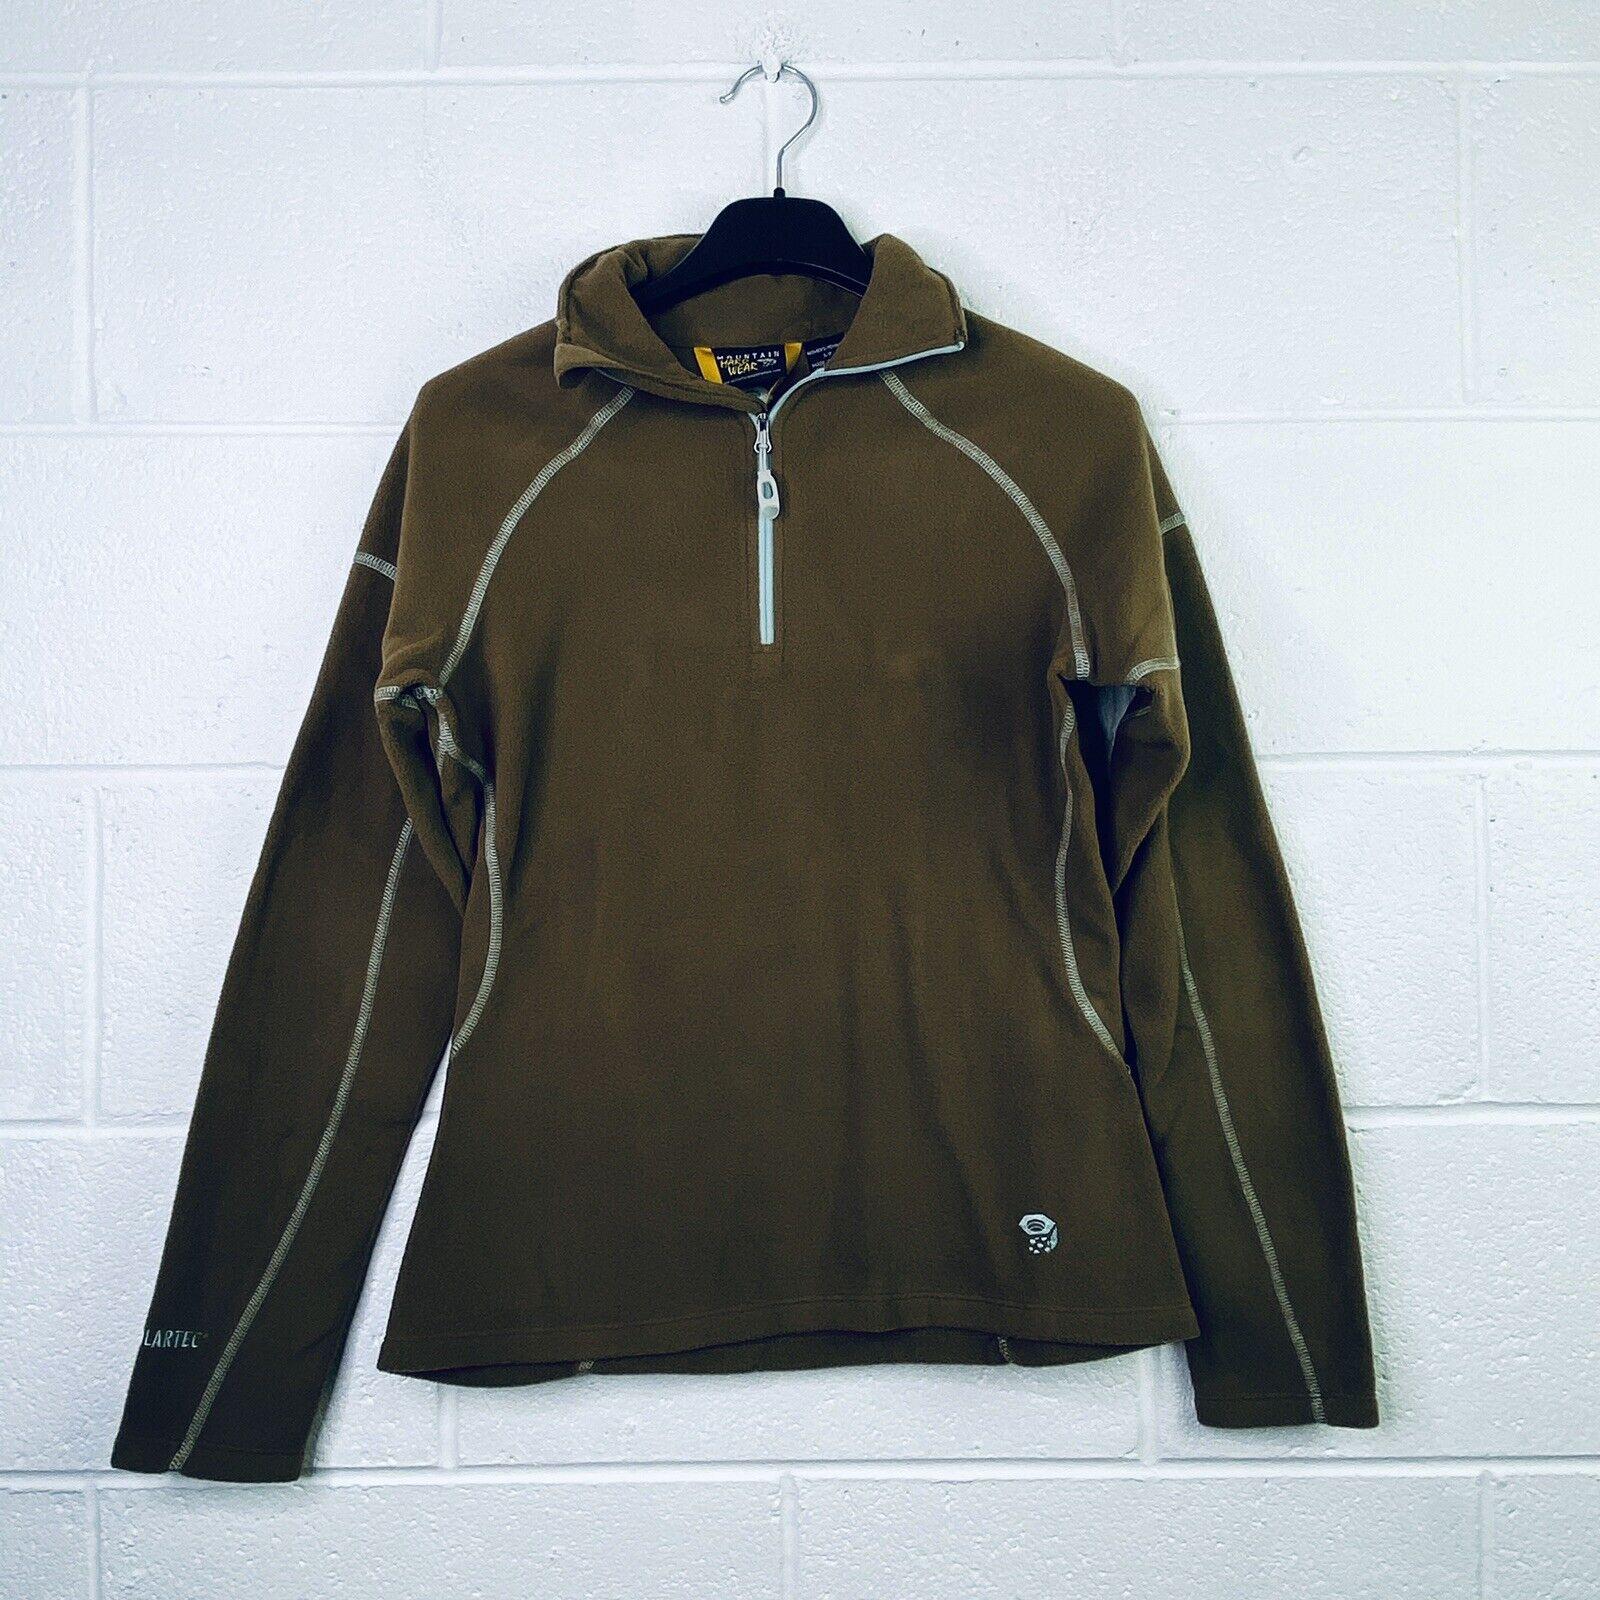 Mountain Hardwear Women's Small MicroChill Zip-T Fleece Jacket Brown NWT I28